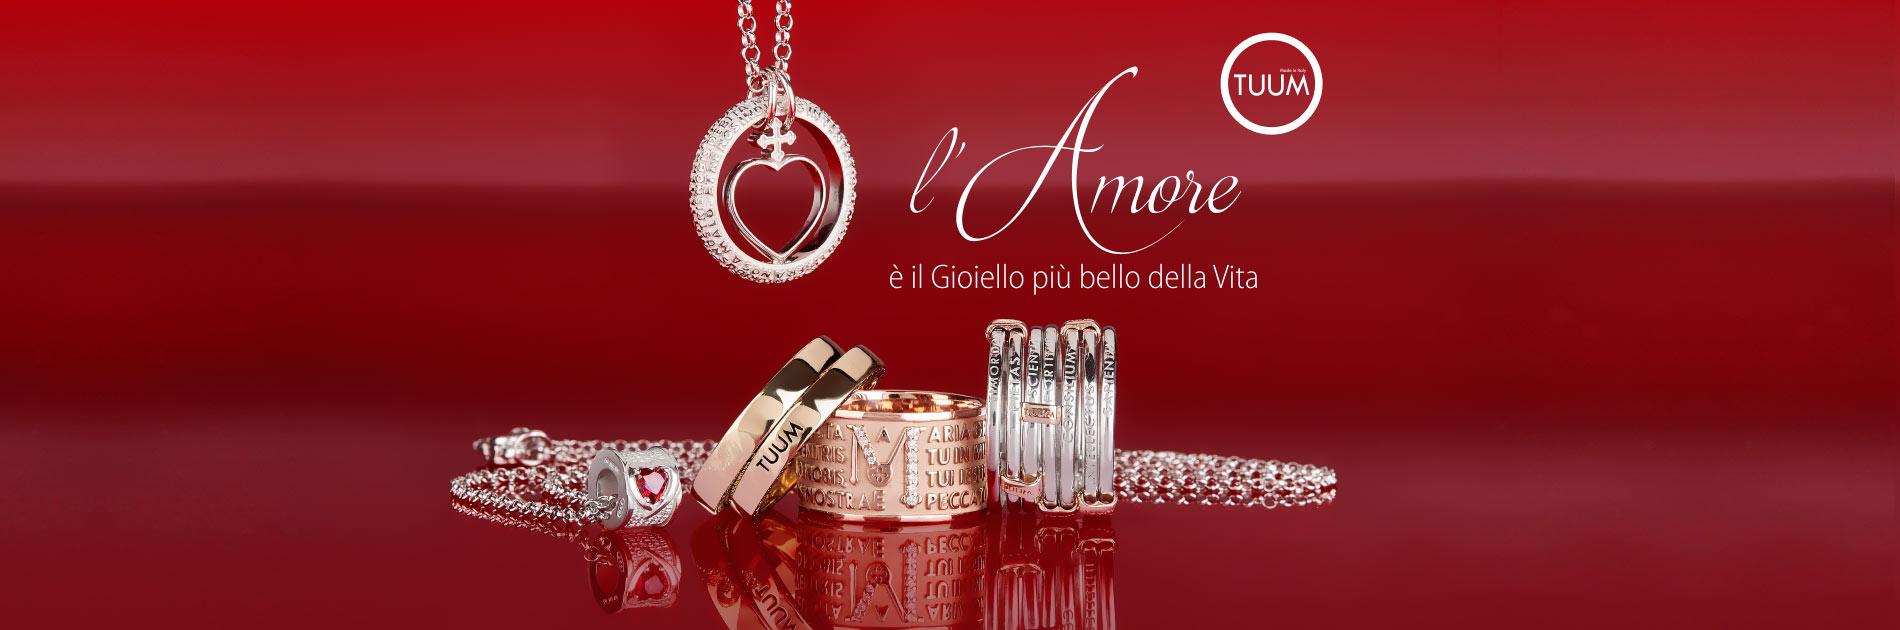 Tuum San Valentino Tracce d'oro gioielli maglie